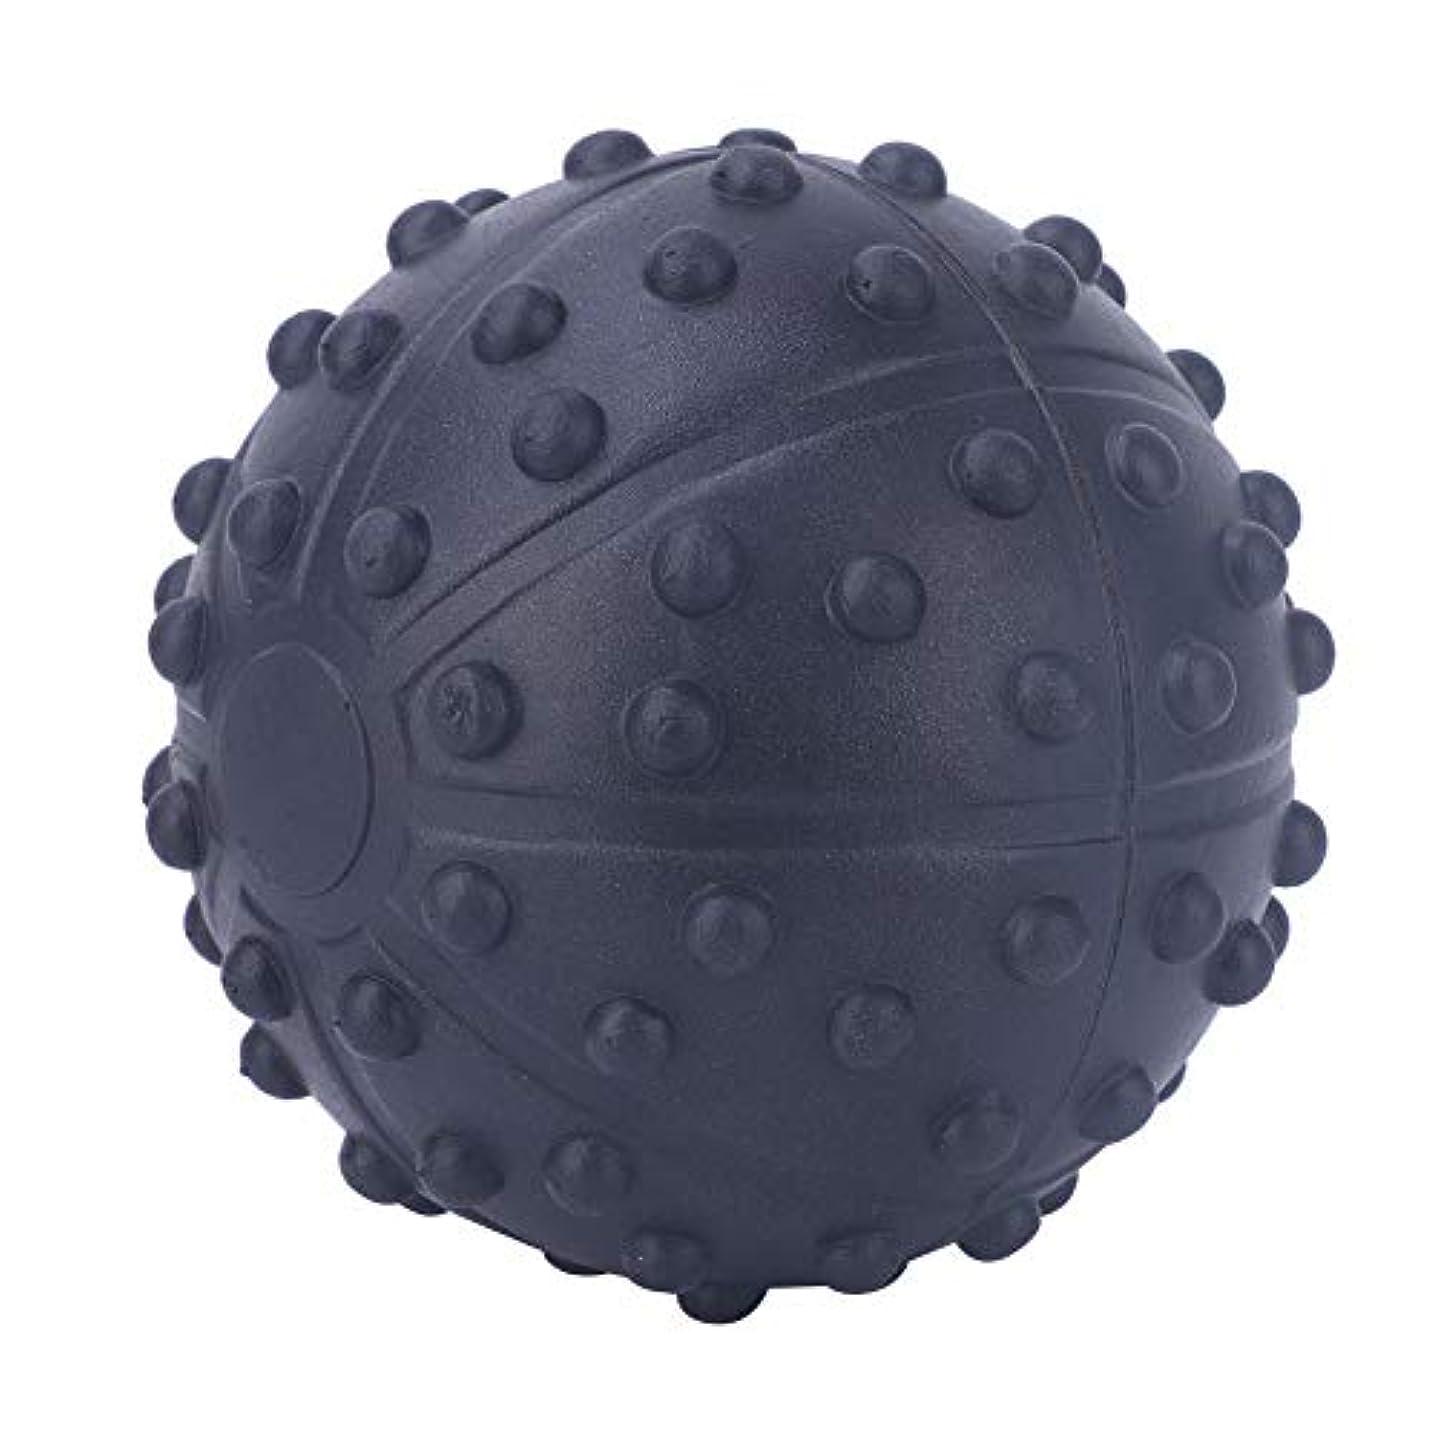 対けがをする内訳深いティッシュヨガの筋膜の球、ヨガの疲労筋肉は筋肉救済、背部、首および足のマッサージャーのためのスポーツの球を取り除きます